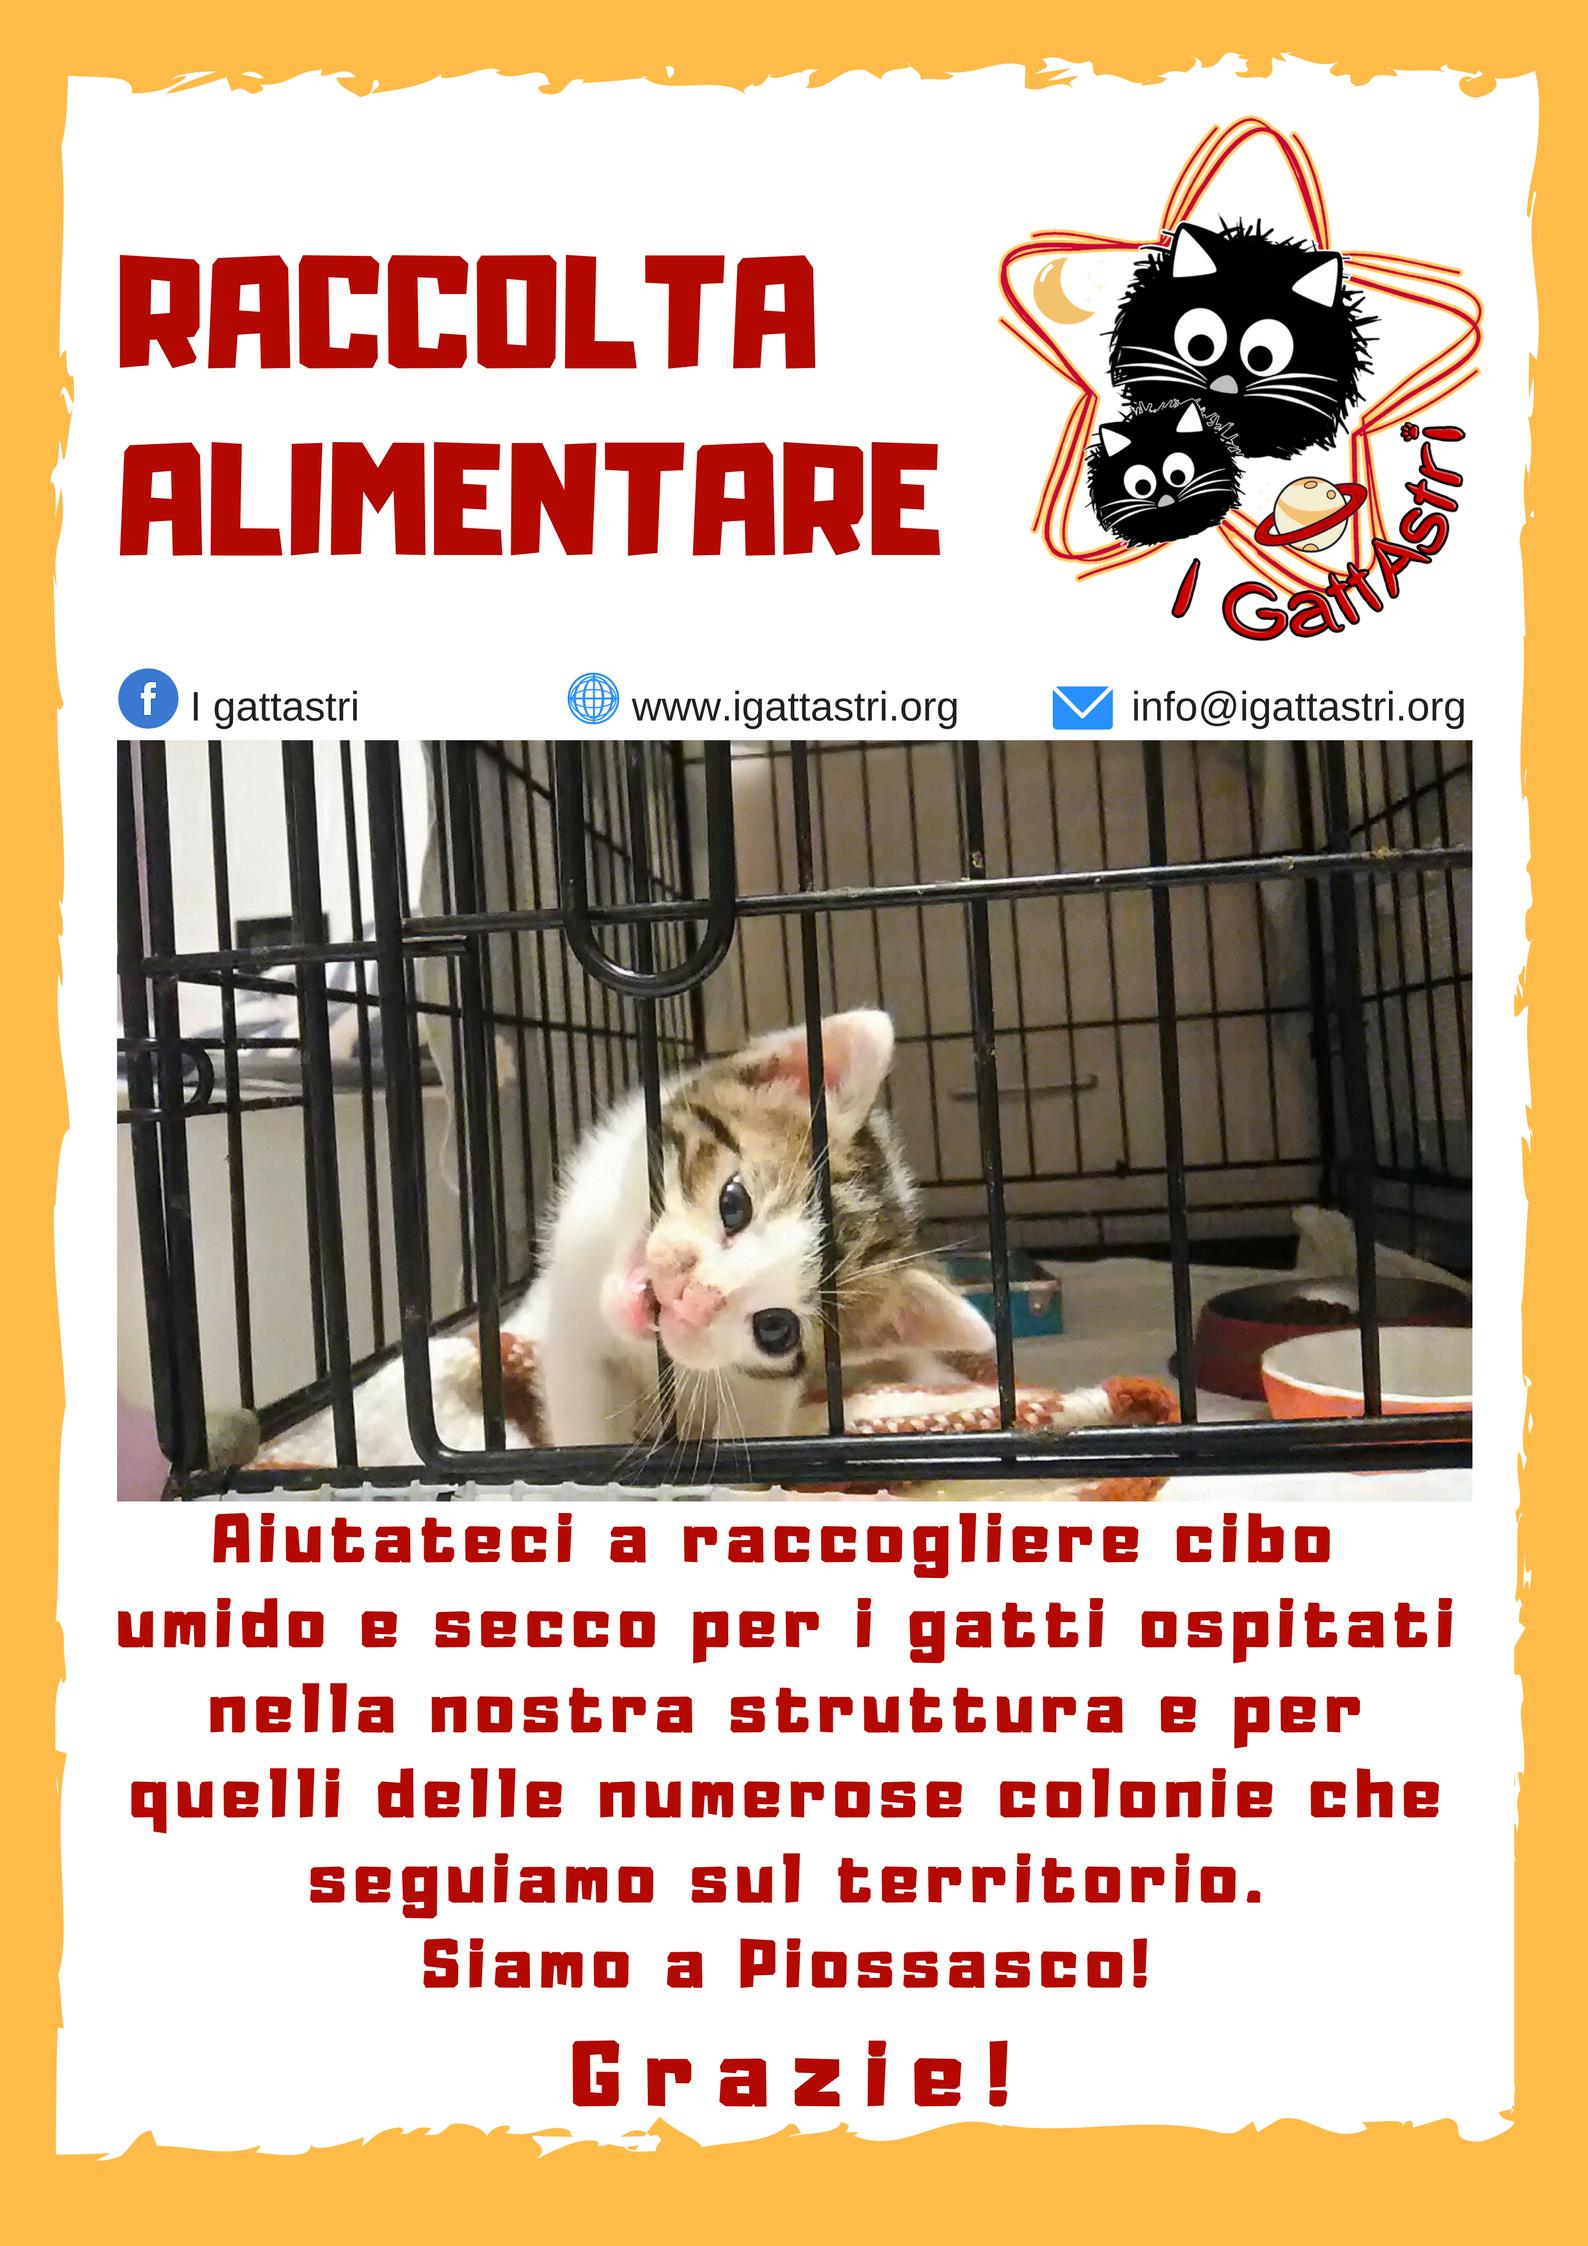 Raccolta alimentare Arcaplanet (Esselunga) @ Arcaplanet Rivalta (zona Esselunga) | Orbassano | Piemonte | Italia